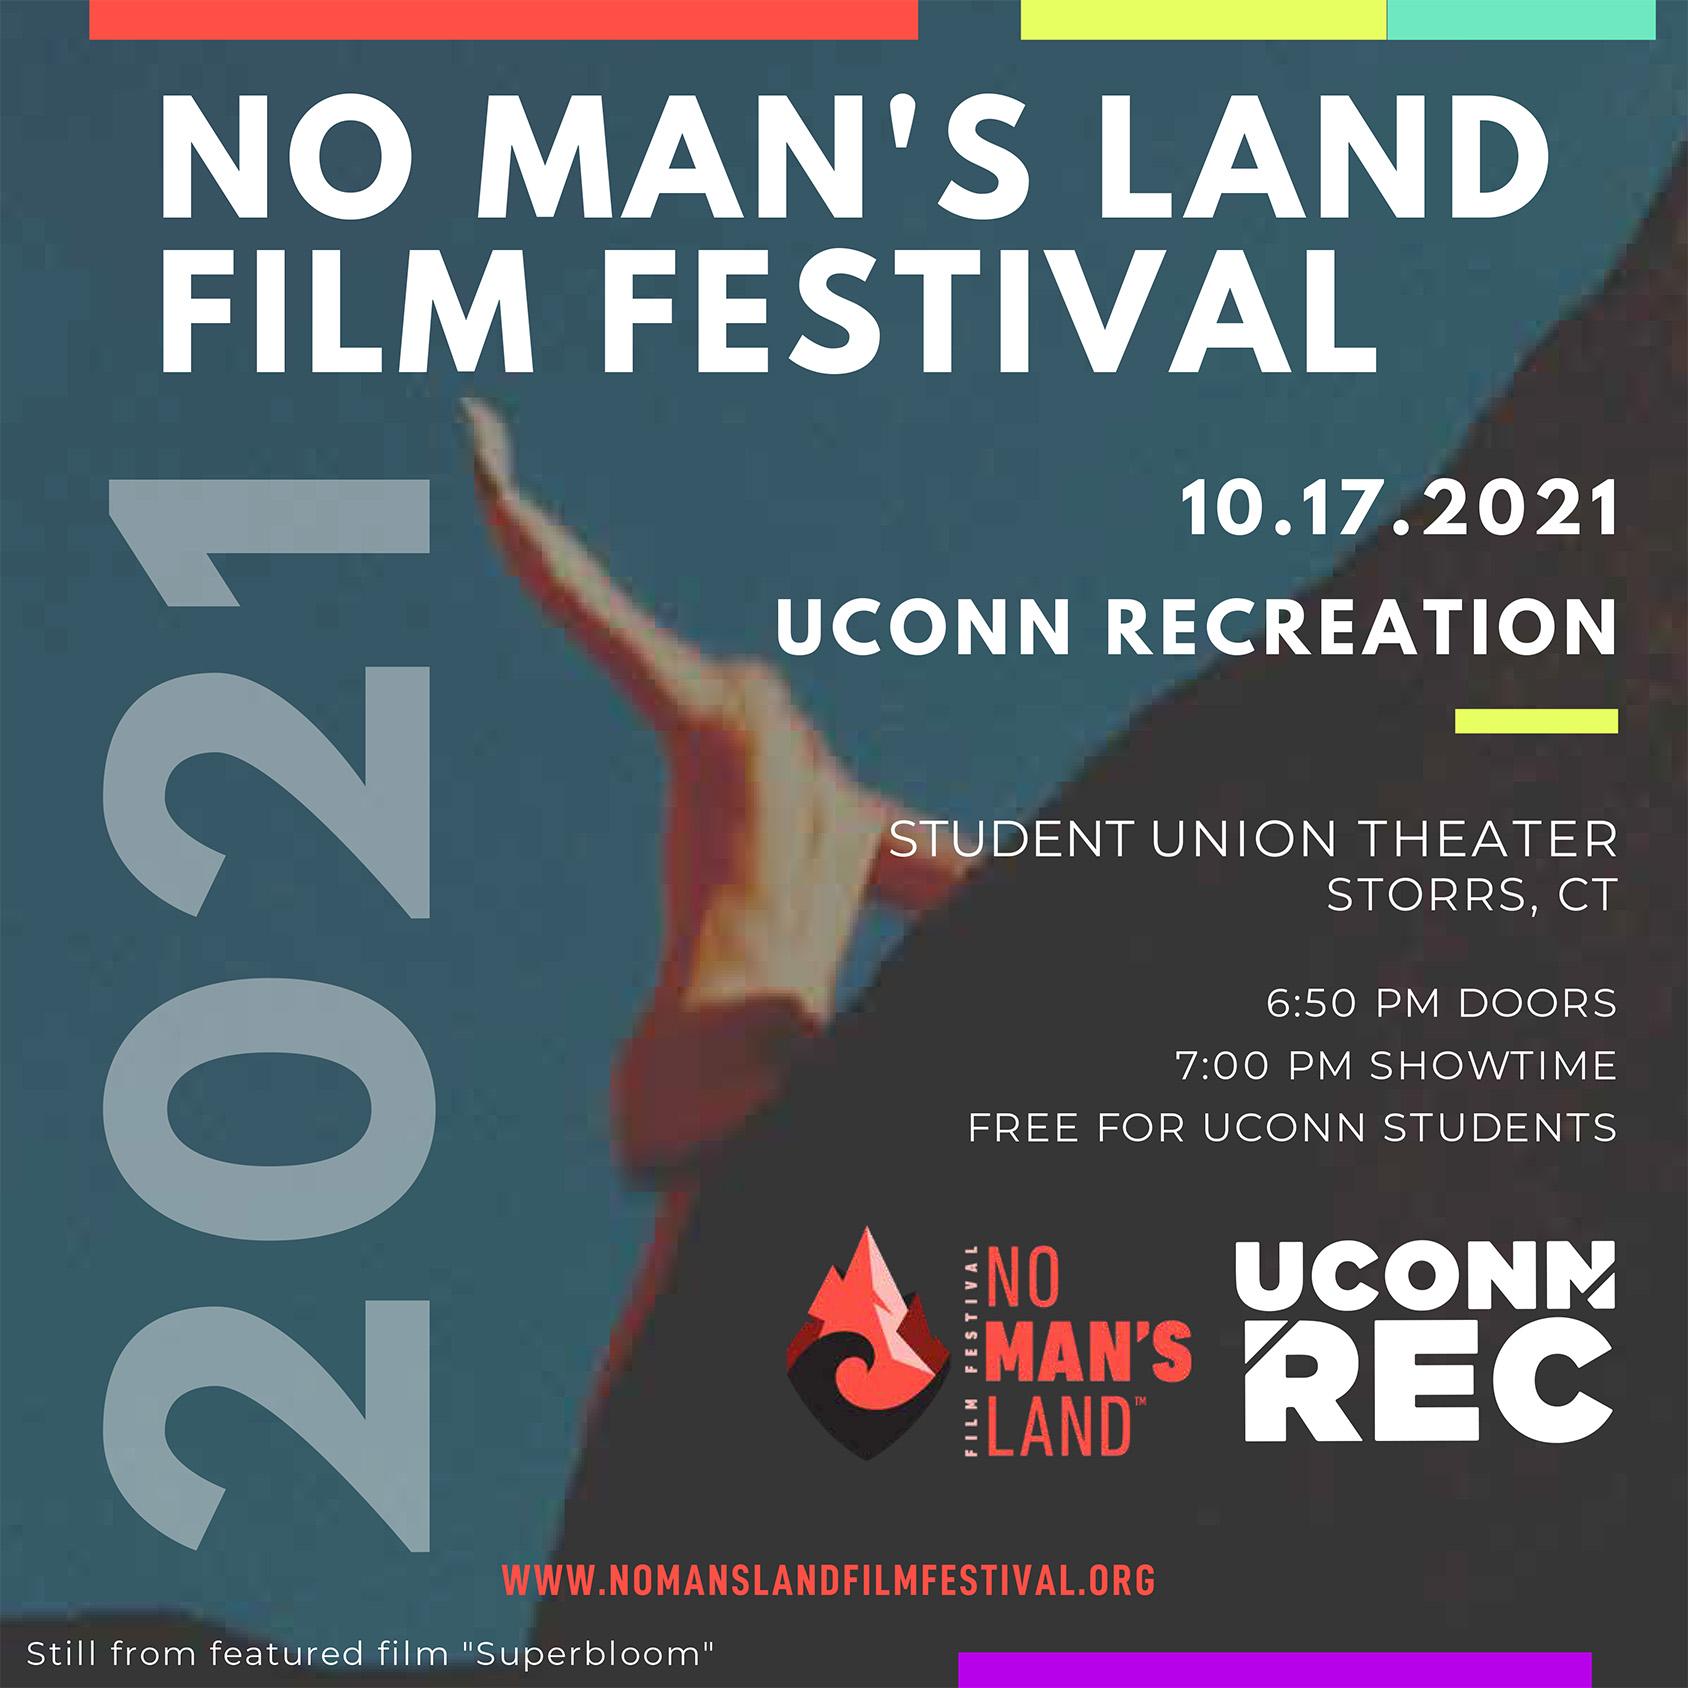 promo graphic for film fest